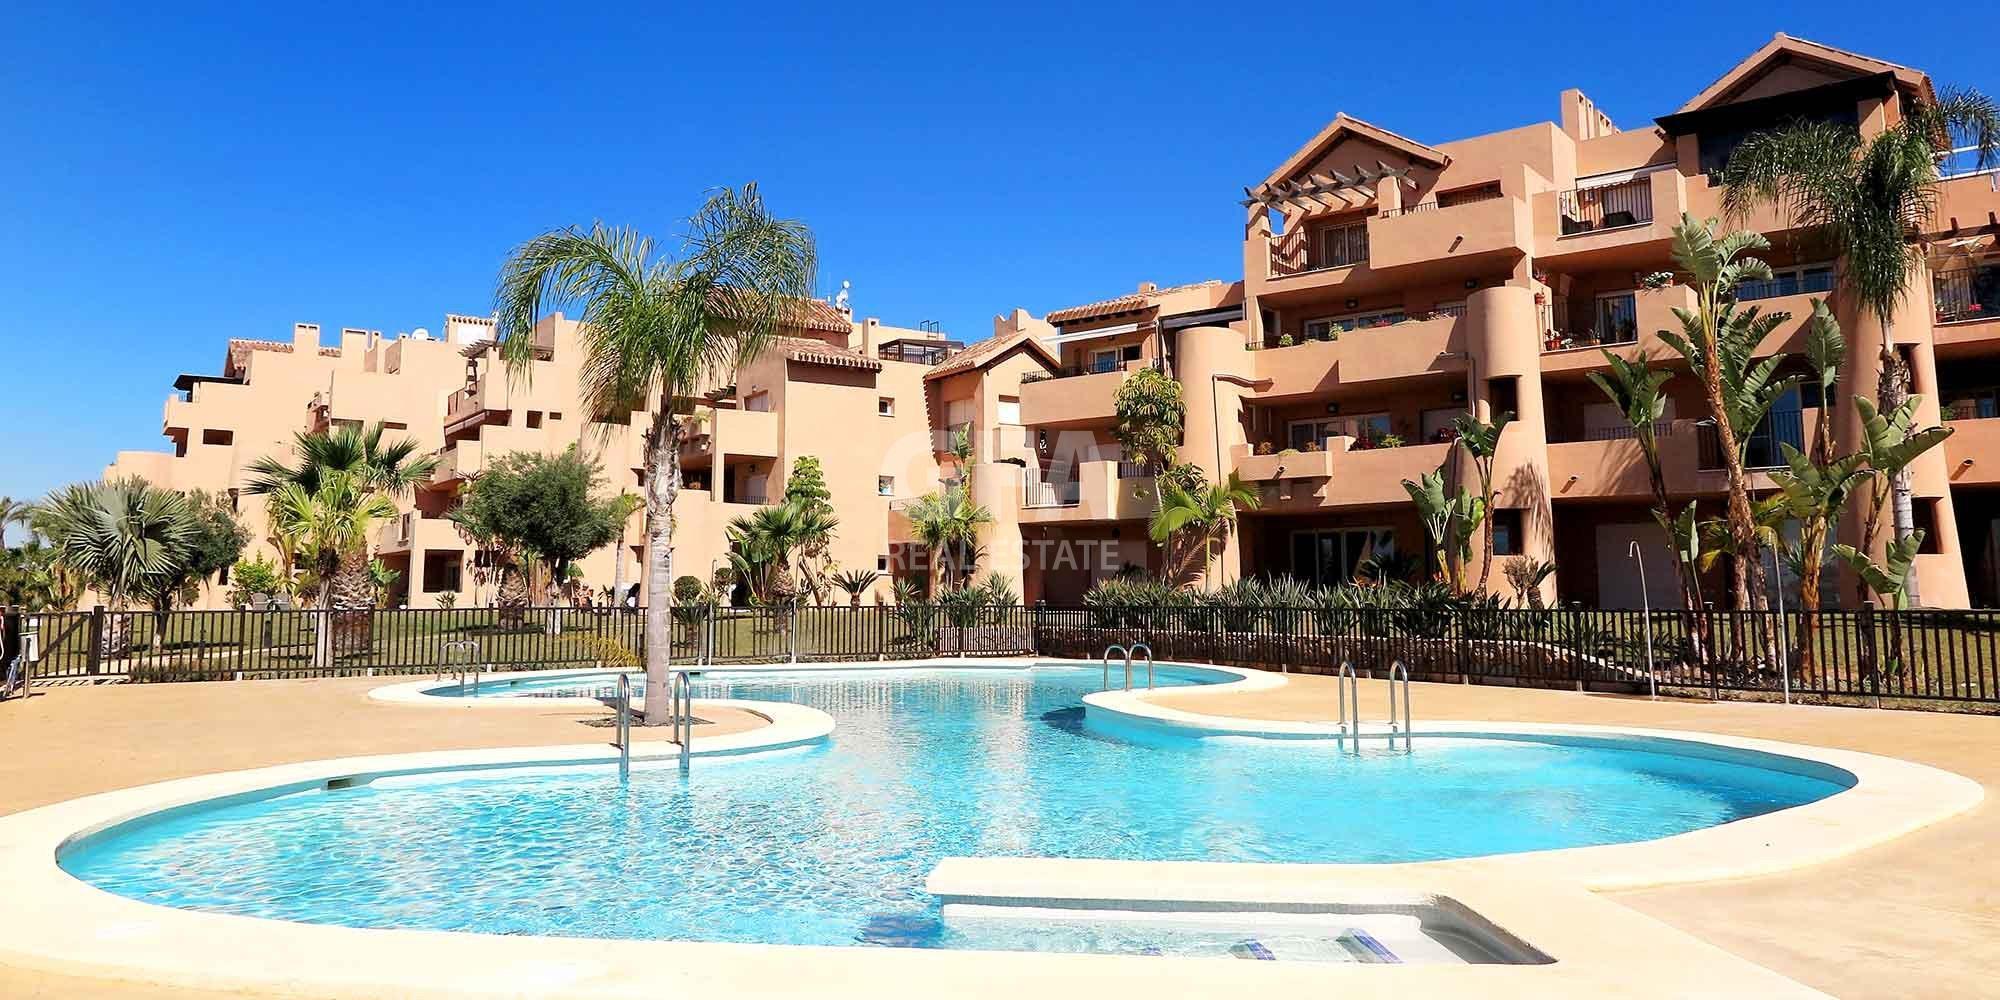 Residencial obra nueva Mar Menor Golf Resort piscina